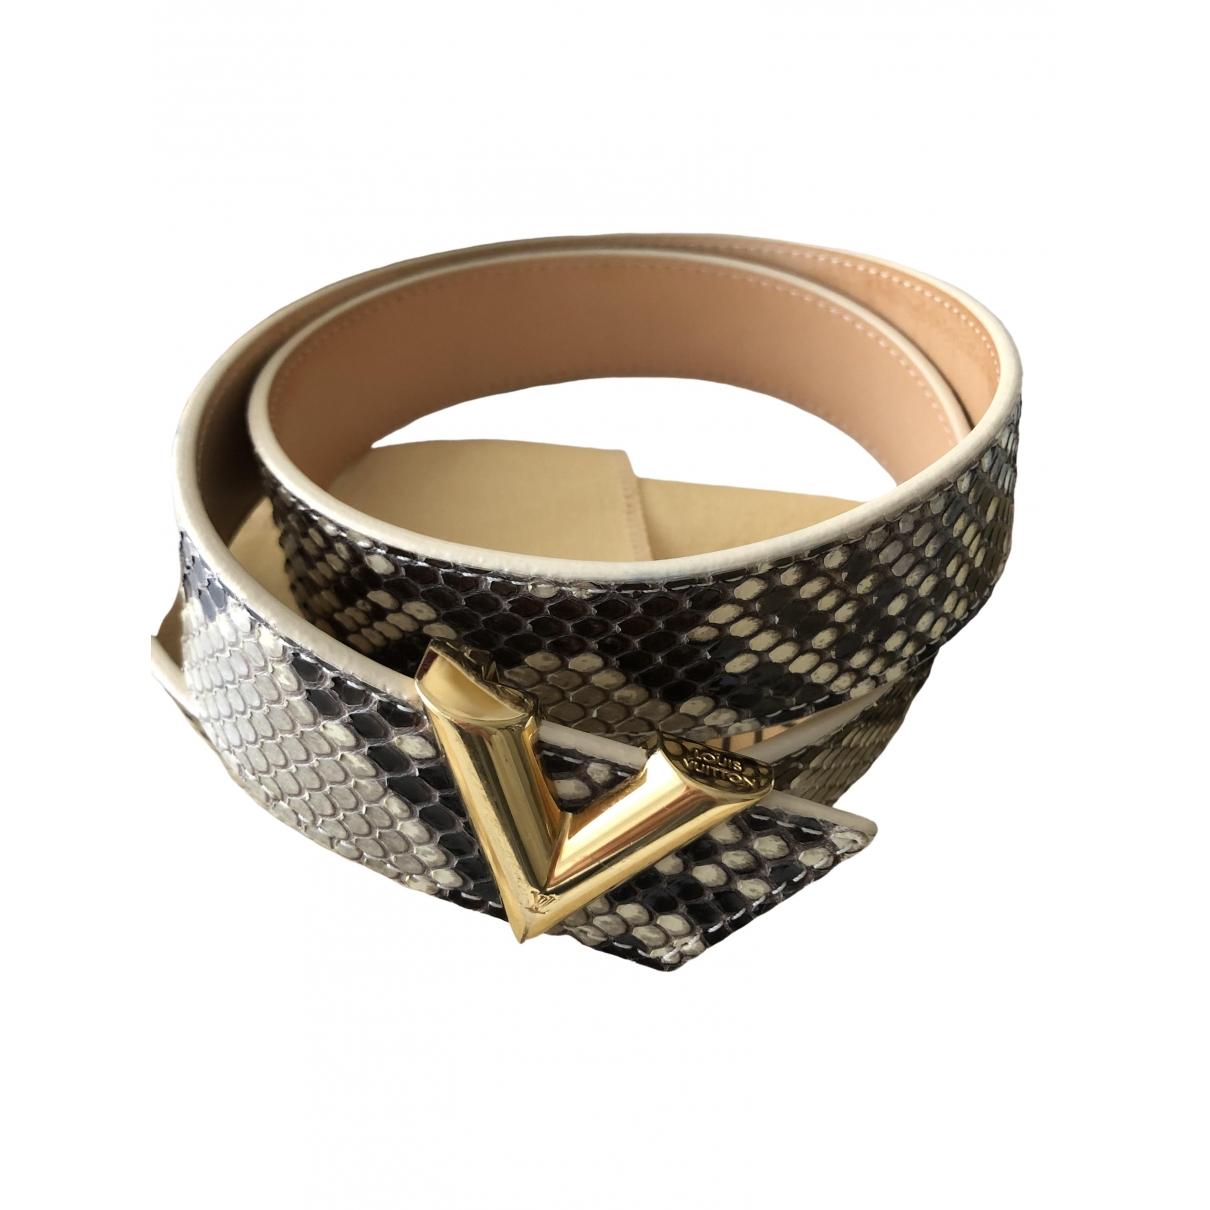 Louis Vuitton - Ceinture   pour femme en python - beige